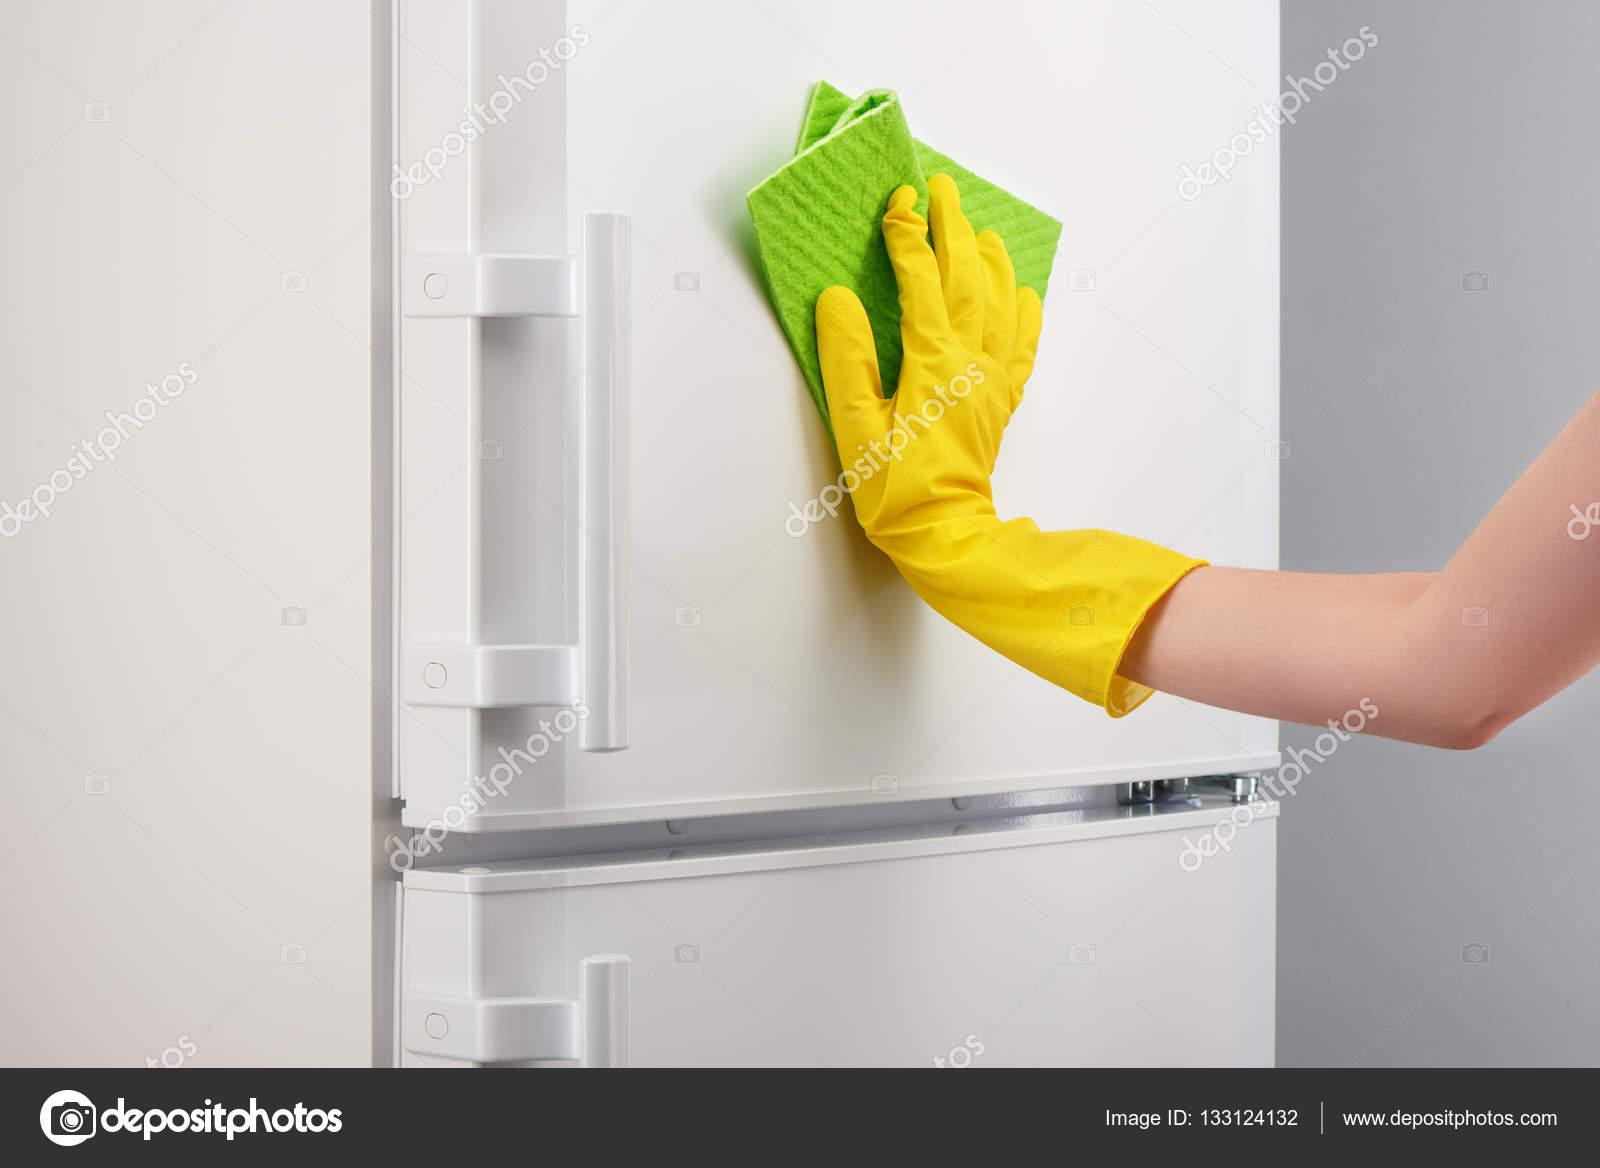 Kühlschrank Reinigen : Hand im gelben handschuh weiß kühlschrank mit grünes tuch reinigen